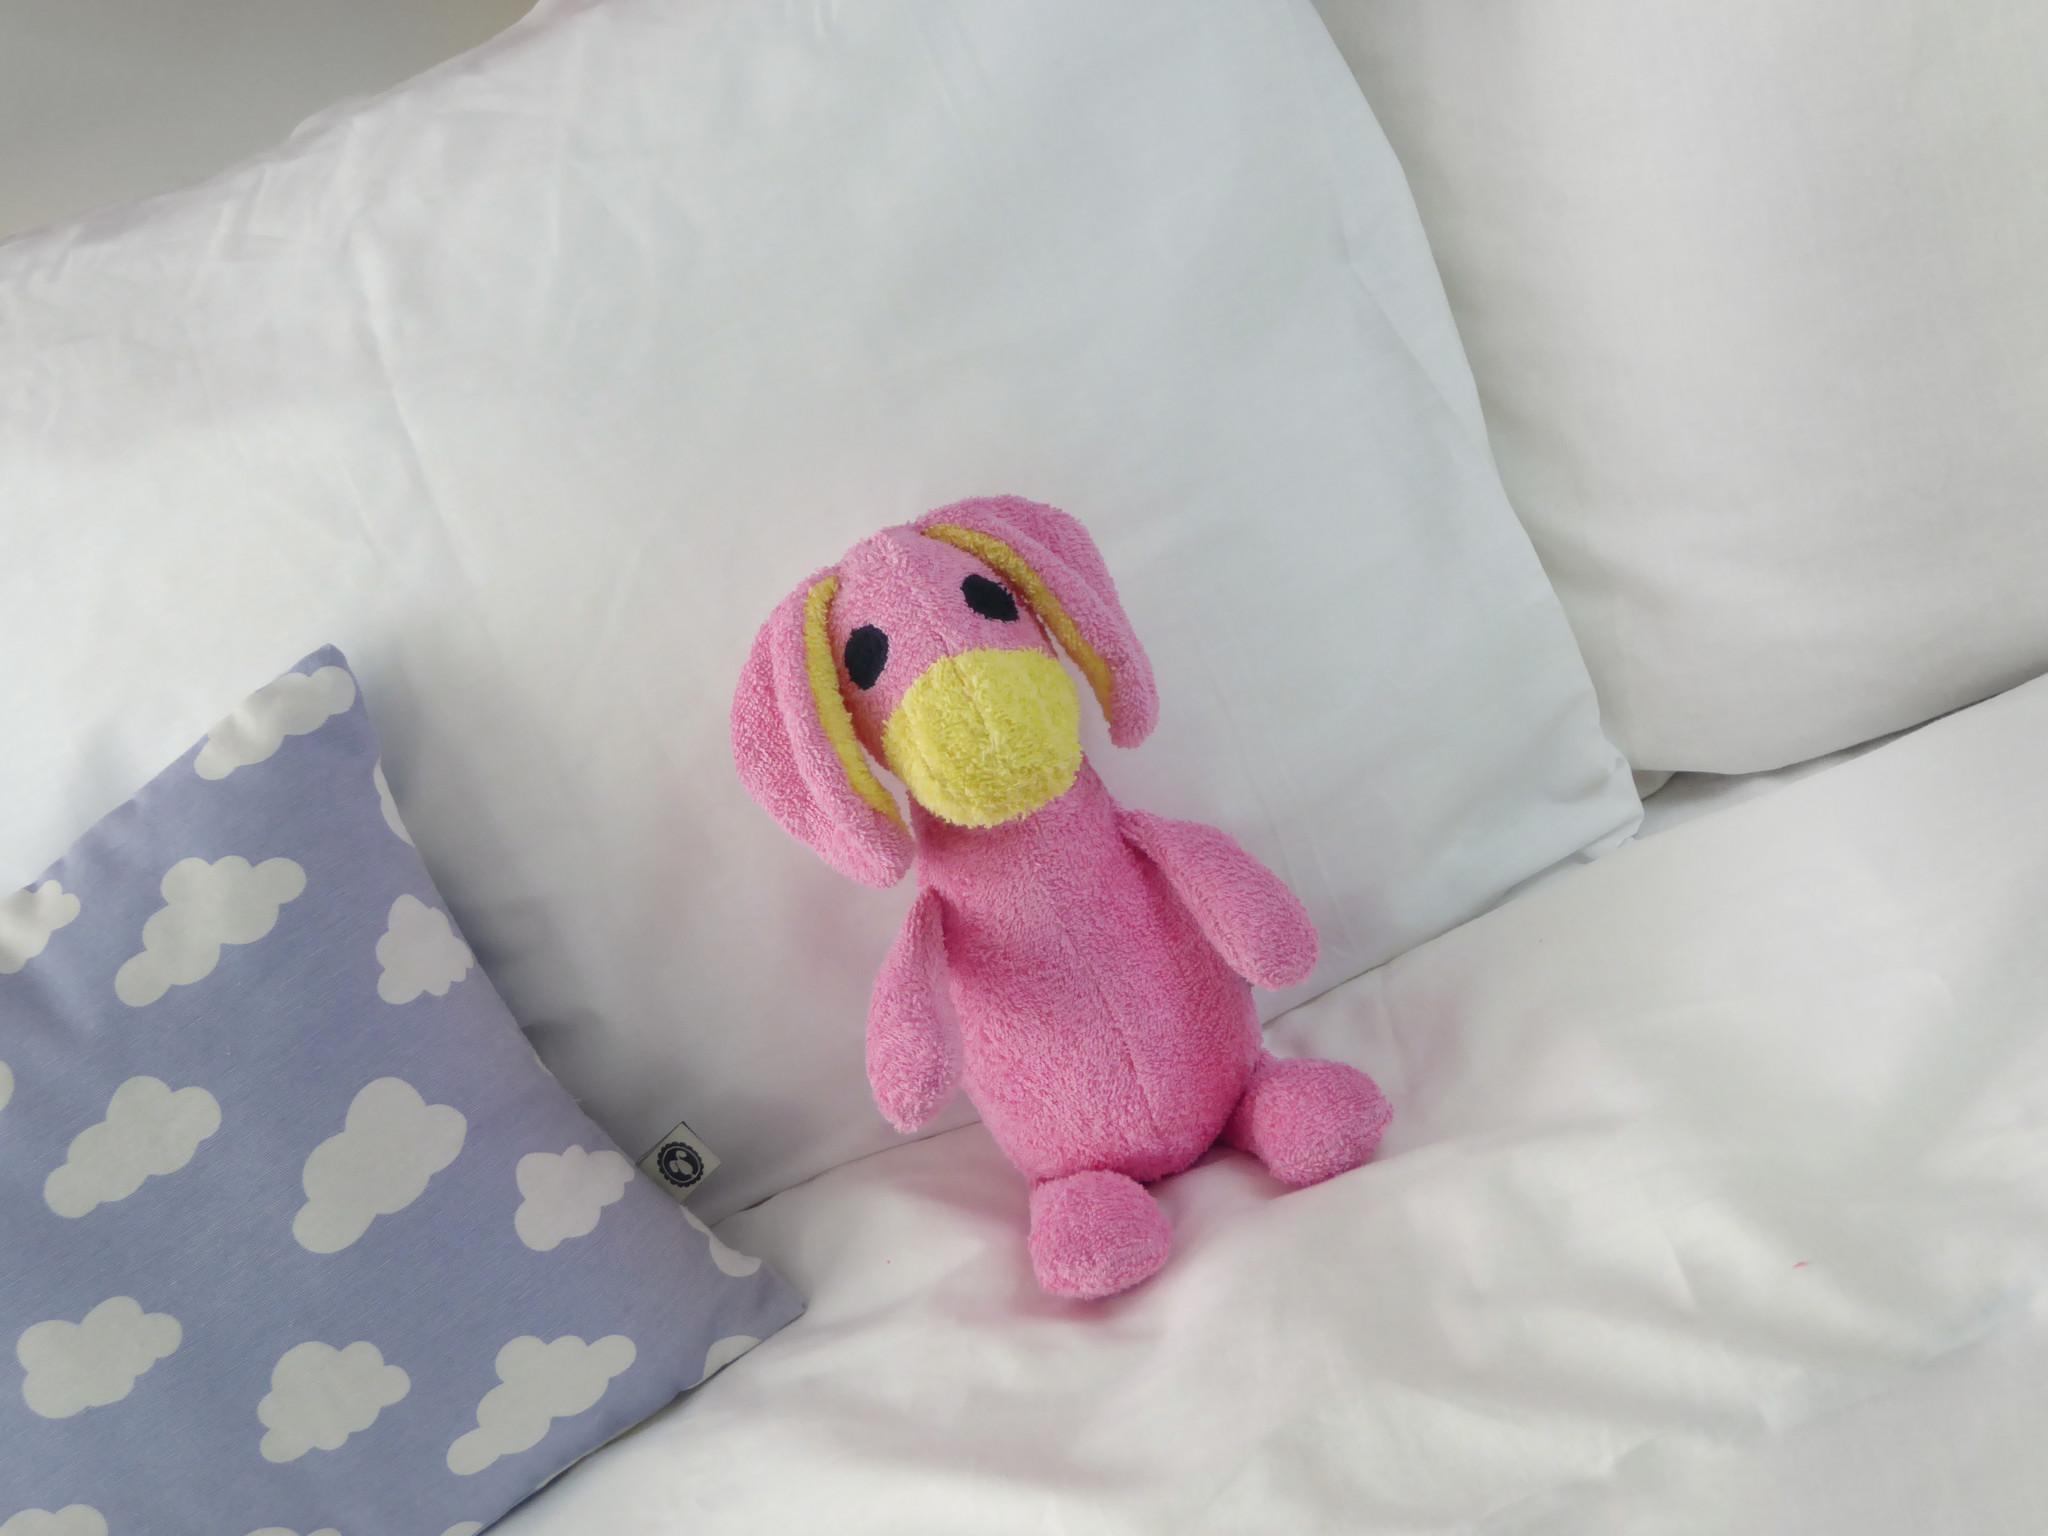 Motje Pinkie, de kleine roze Kroelio